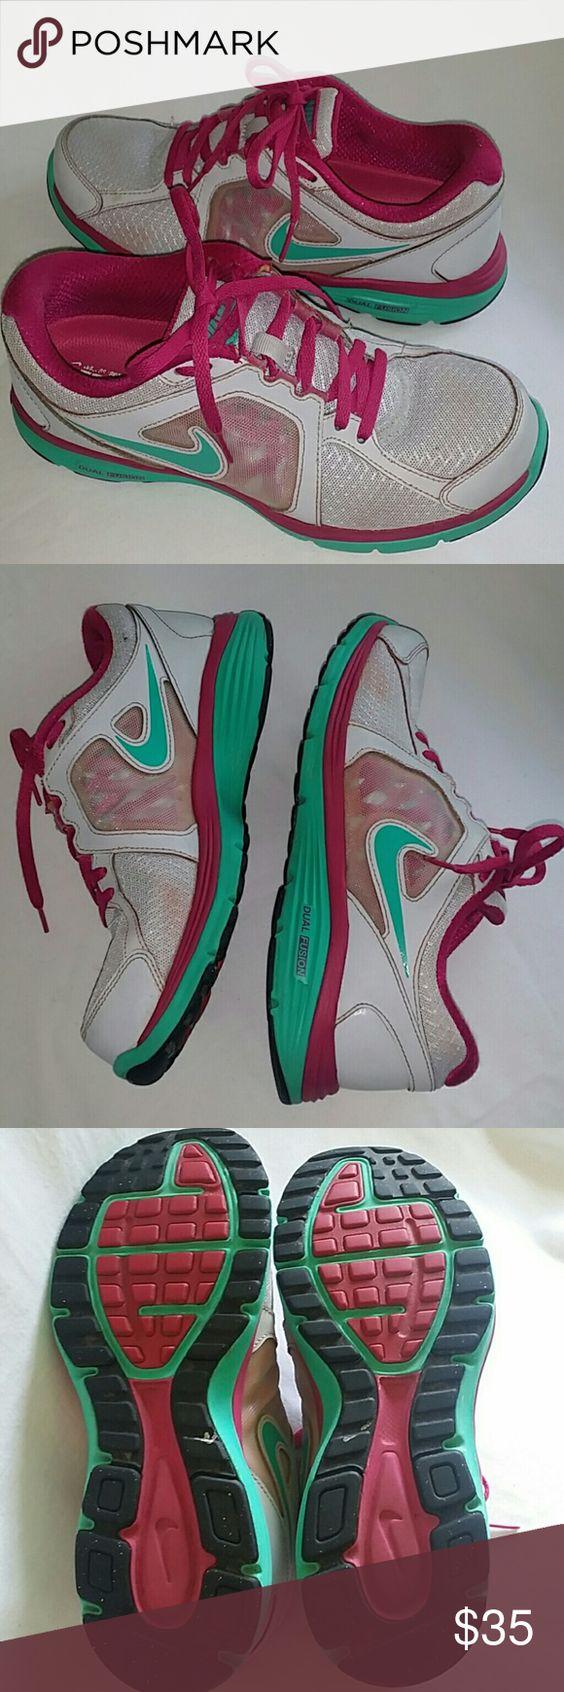 Nike Dual Fusion Run Shoes Nike Dual Fusion Run Shoes Nike Shoes Athletic Shoes